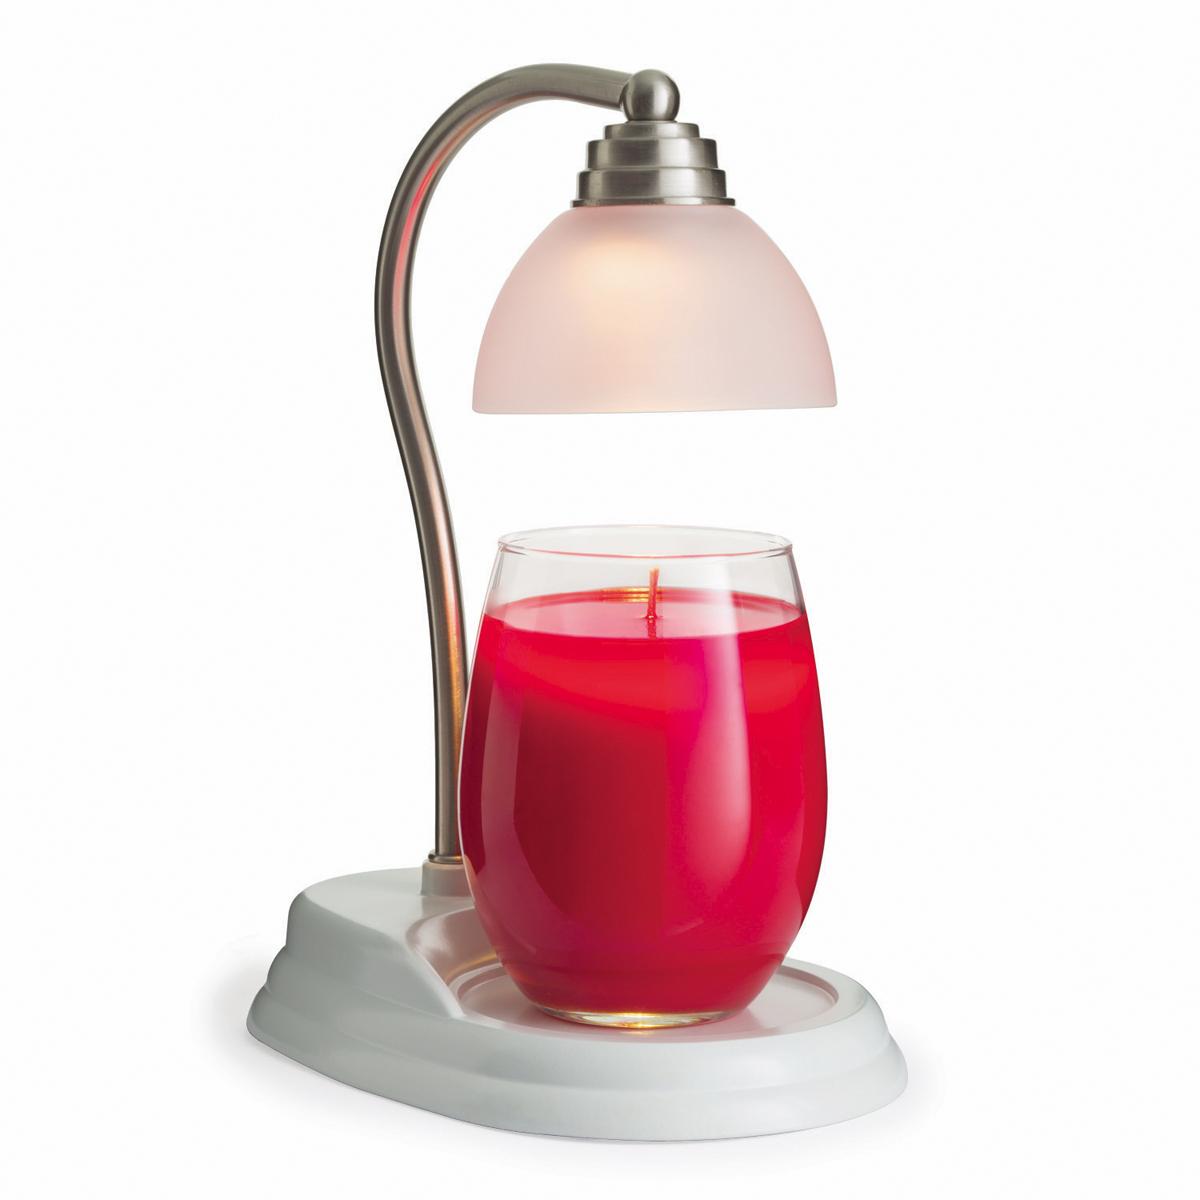 Лампы и фонари Candle Warmers используются для освещения комнаты, декора, а также для ароматизации помещения. Поместите под лампу свечу нужного размера, и в результате нагрева наслаждайтесь ароматом без зажигания свечи.    Элегантный домашний декор будет находится всегда в центре внимания каждого интерьера и прекрасно подойдёт для безопасного использования.  При ослаблении аромата , жидкий воск можно вылить, и свеча зазвучит по новому. Новинка коллекции Aurora, белое глянцевое основание и держатель из шлифованного никеля.  Подойдёт диаметр свечи 10 см, высота 14 см без крышки. Свеча на фото не поставляется в комплекте с лампой.